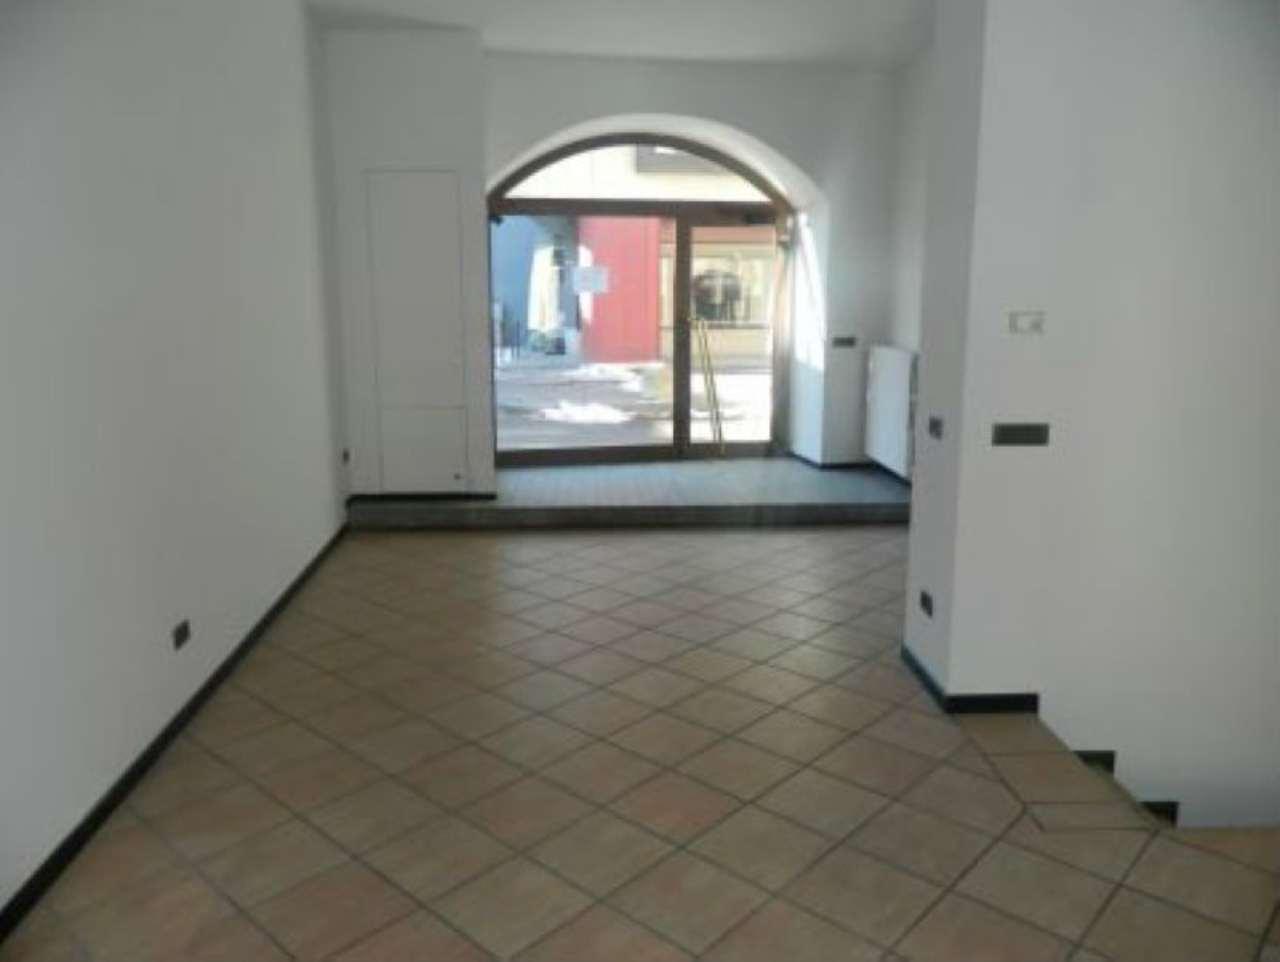 Negozio / Locale in affitto a Sondrio, 2 locali, Trattative riservate | CambioCasa.it